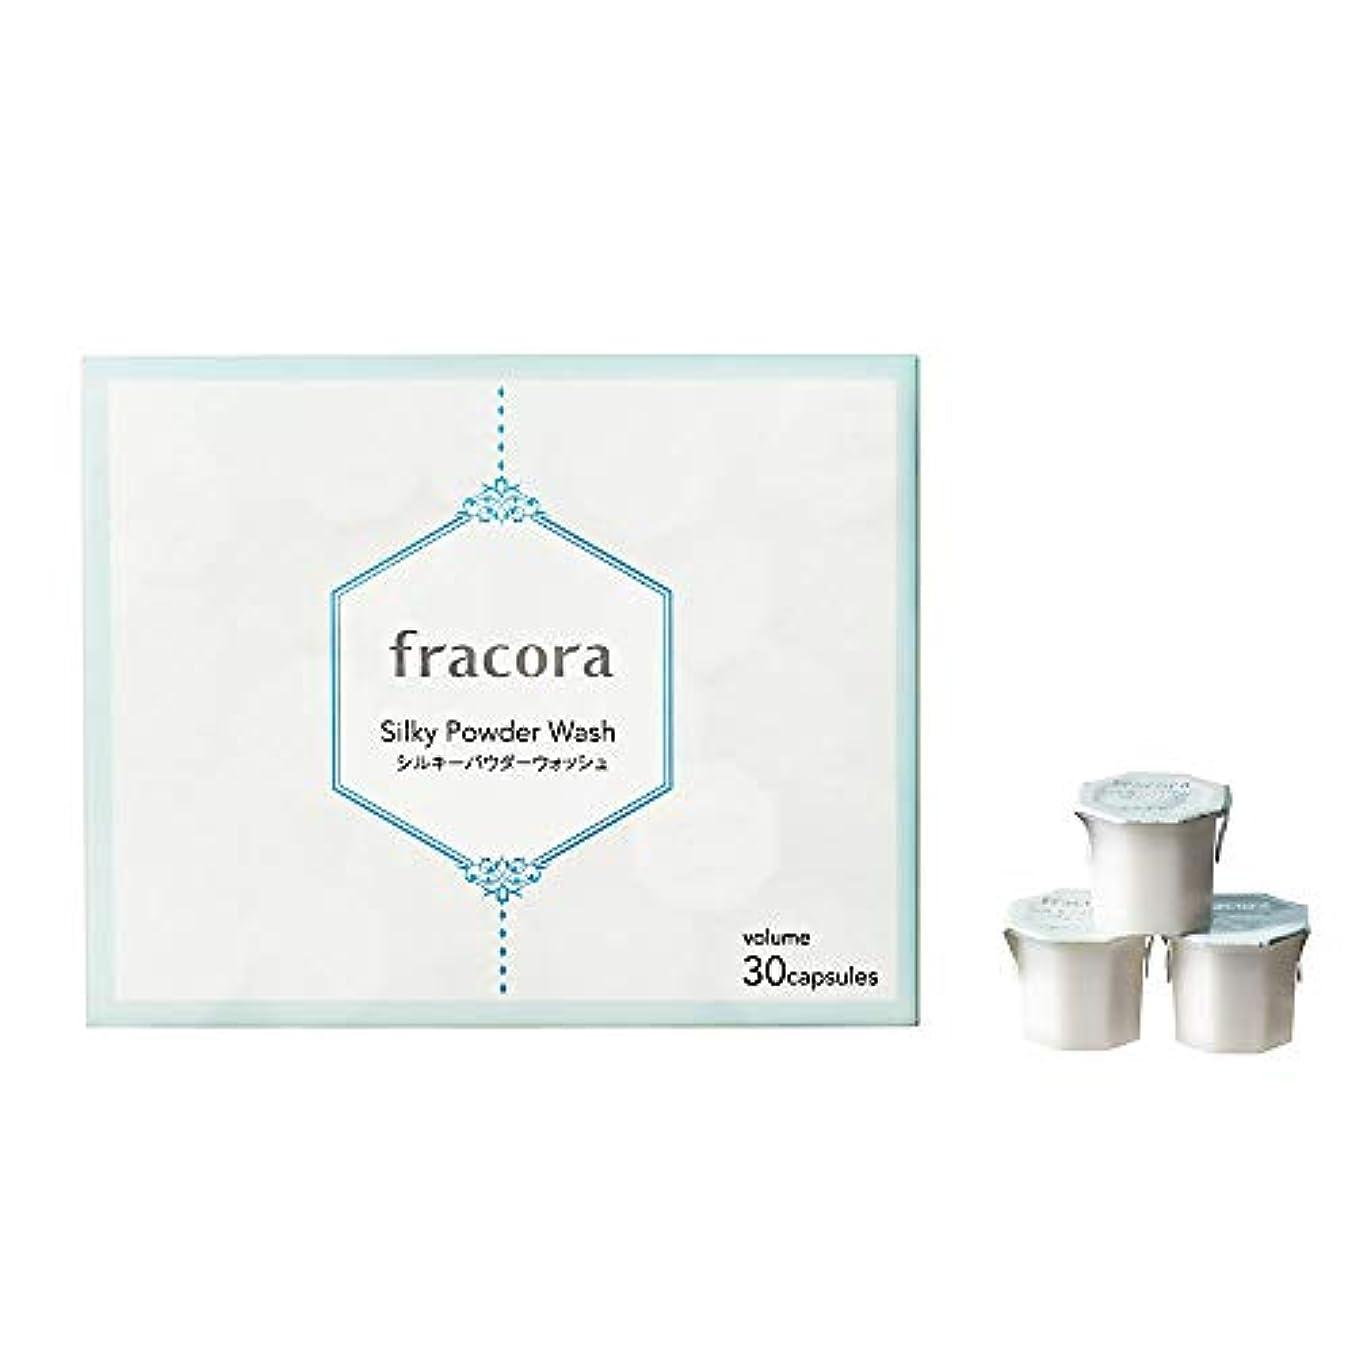 オンスうっかり地上でfracora(フラコラ) 酵素洗顔 シルキーパウダーウォッシュ 30カプセル入